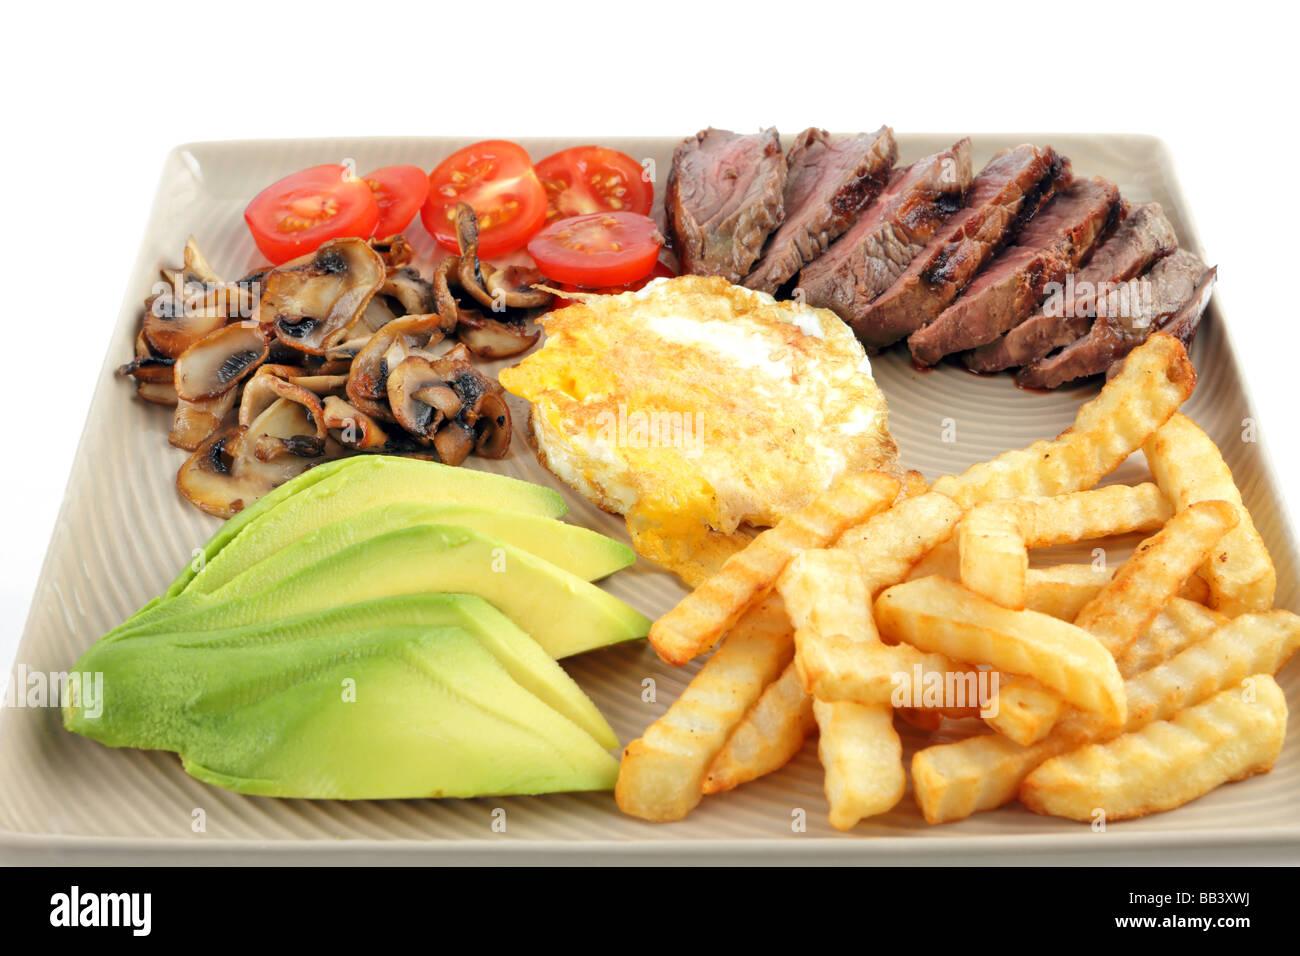 Steak-Dinner mit Ei und Pommes frites-Tomaten-Avocado-Pilze Stockbild